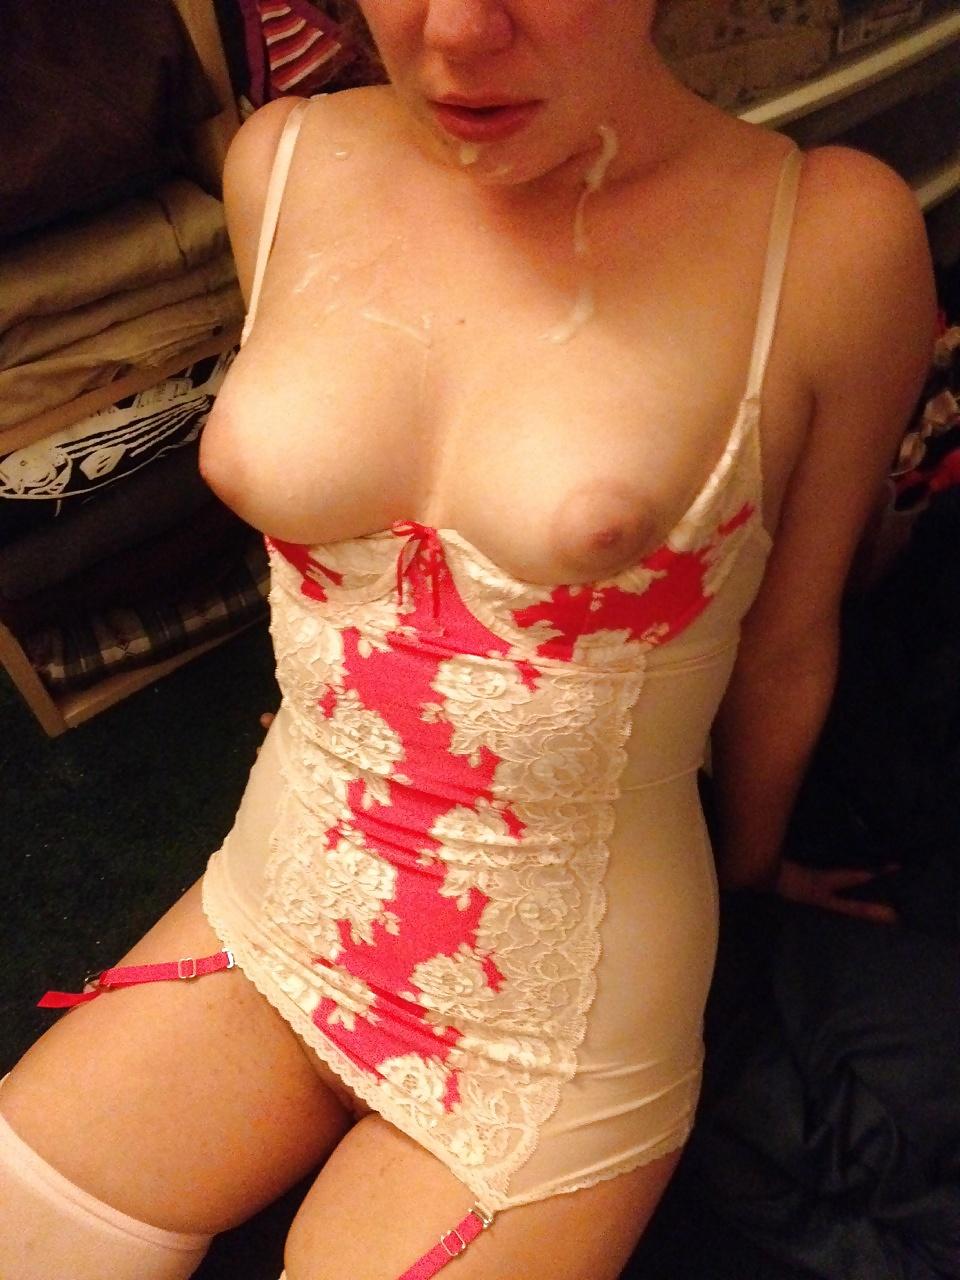 Cum lingerie — pic 10